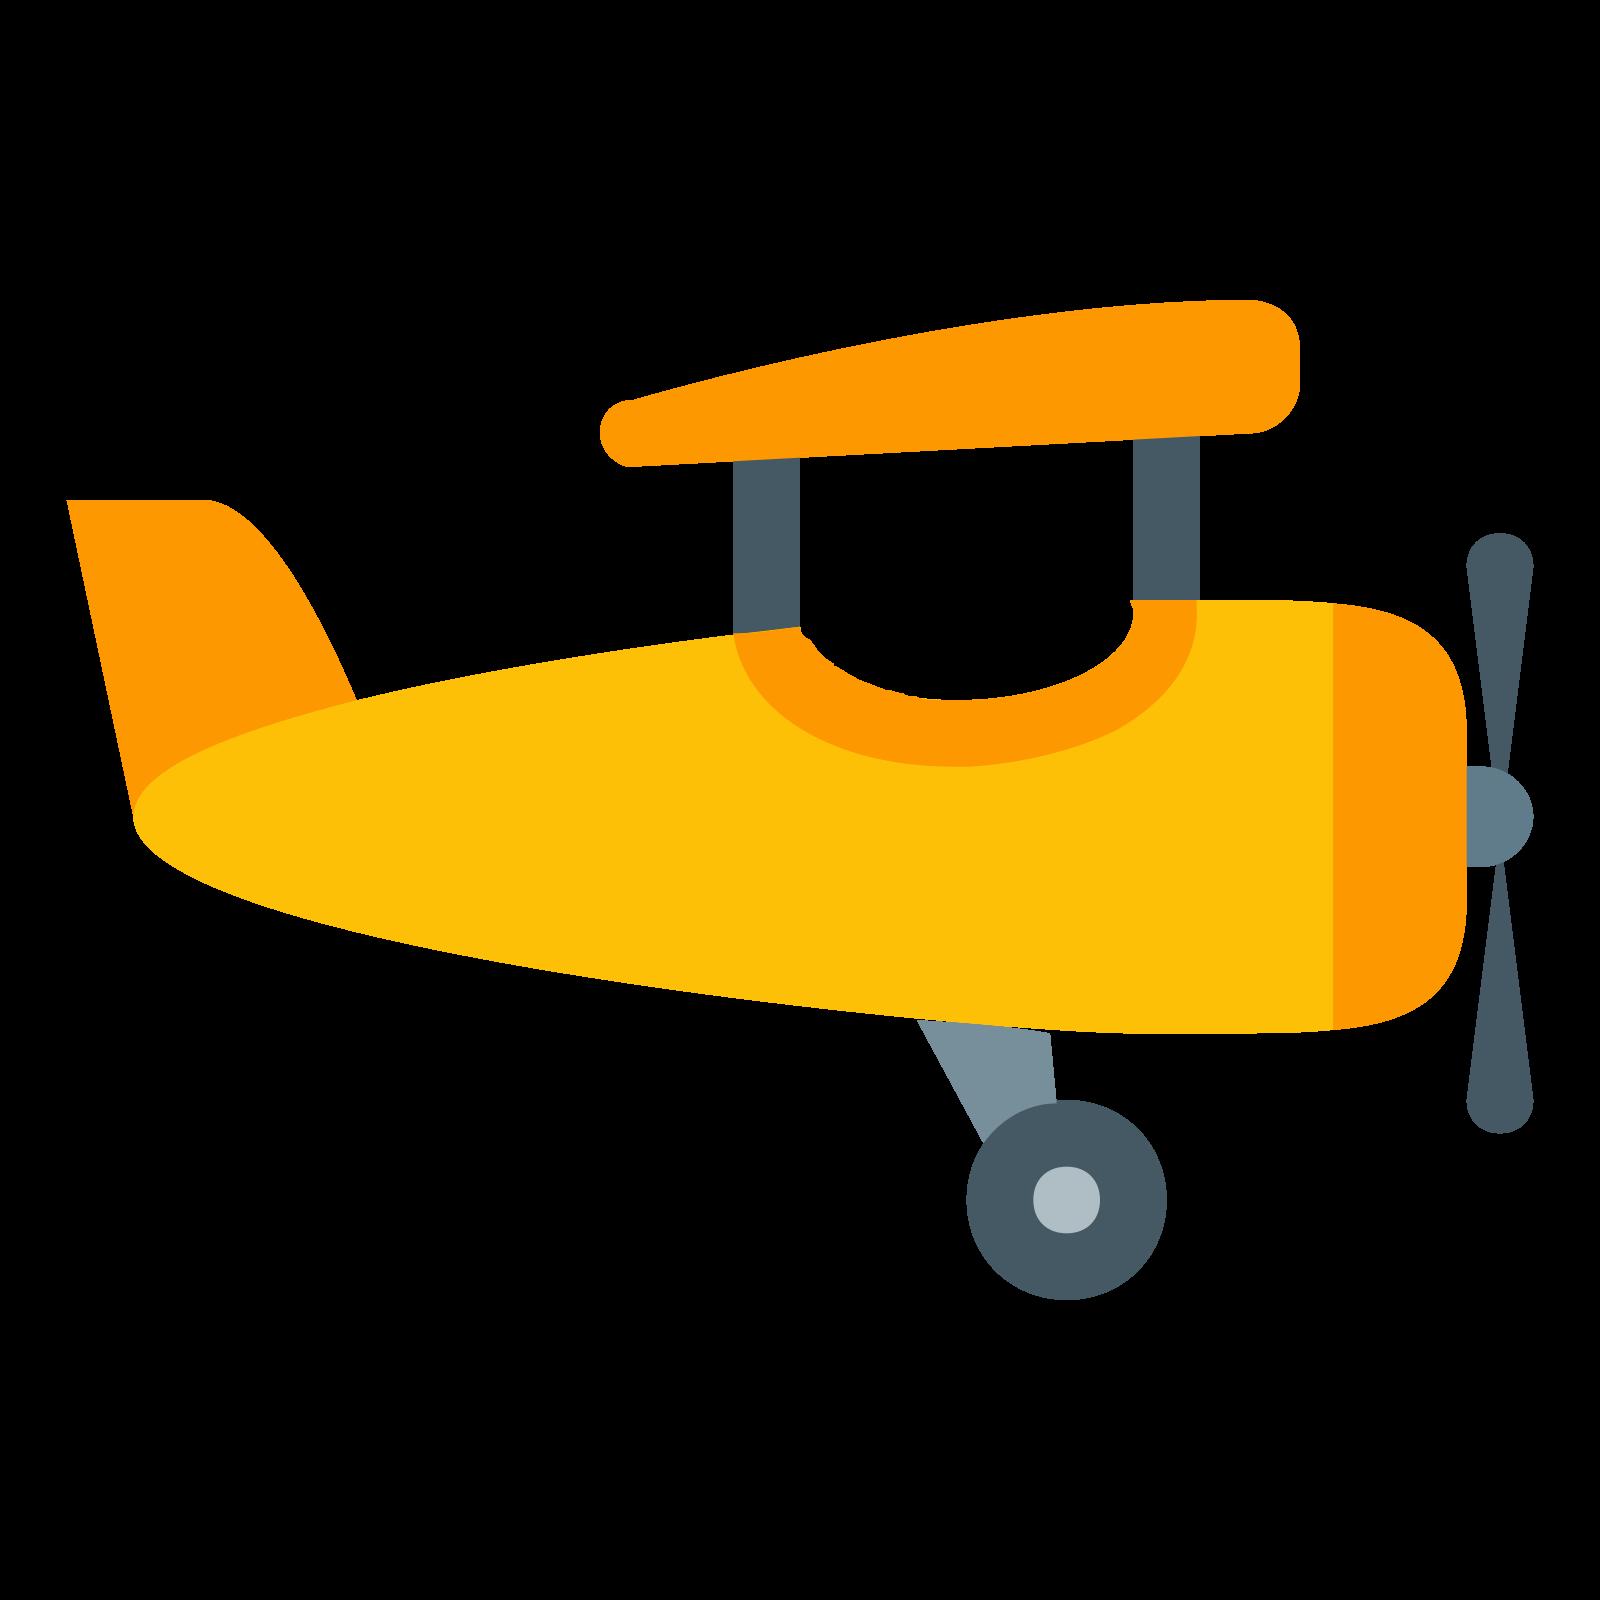 Pilot clipart vintage plane, Pilot vintage plane ...